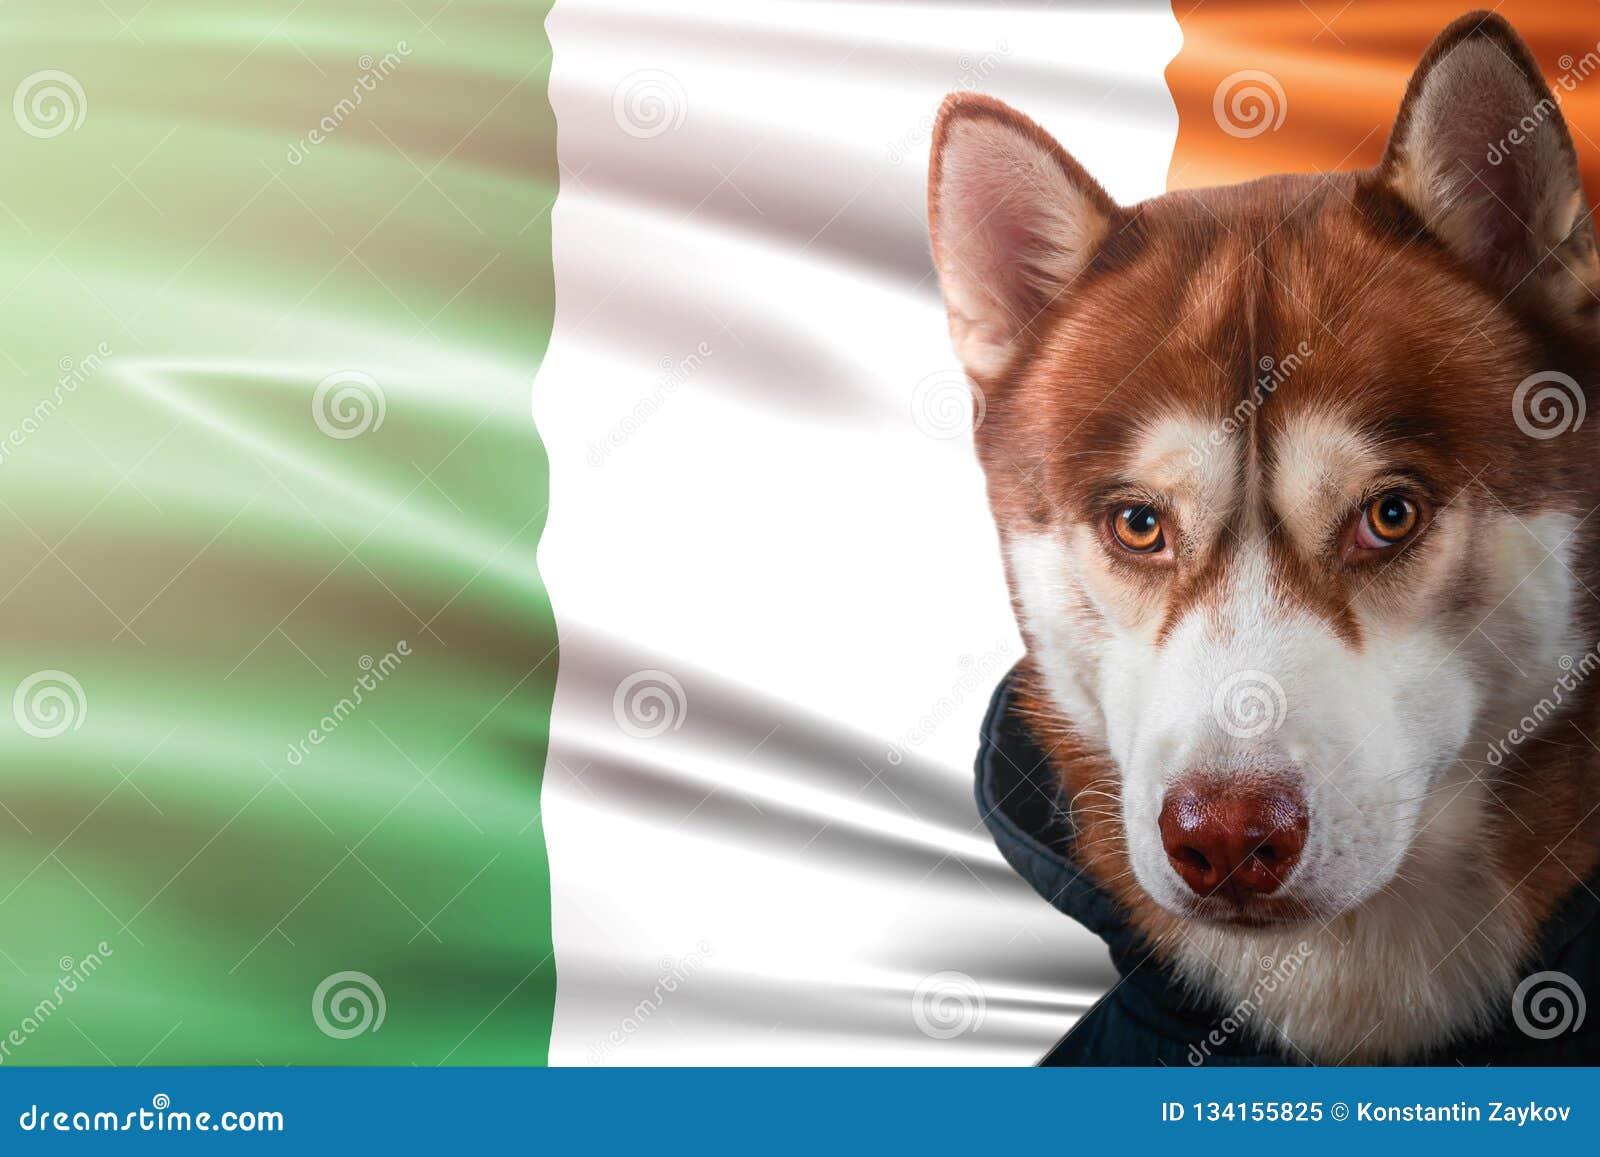 Patriotischer Hund stolz vor Irland-Flagge Porträtsibirischer husky im Sweatshirt in den Strahlen des hellen Sonnenscheins